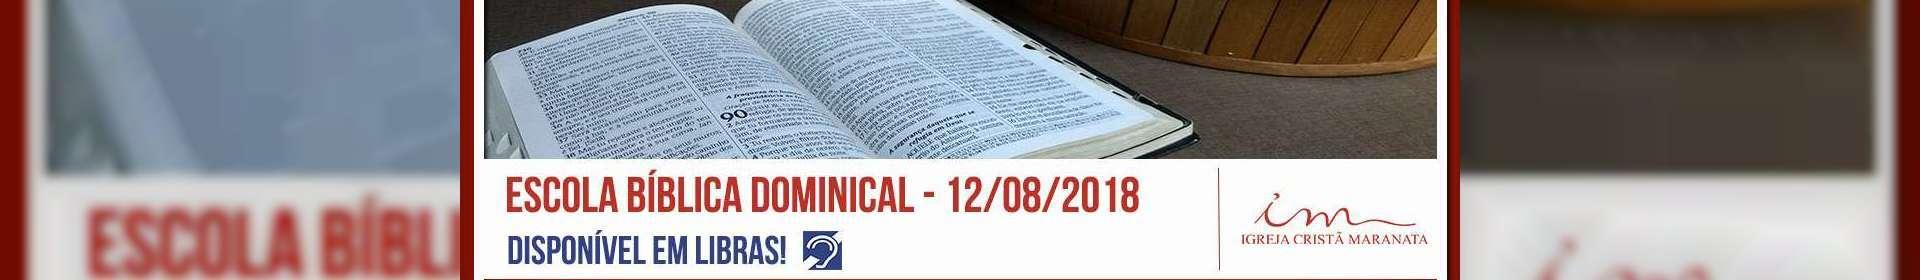 Escola Bíblica Dominical - 12/08/2018